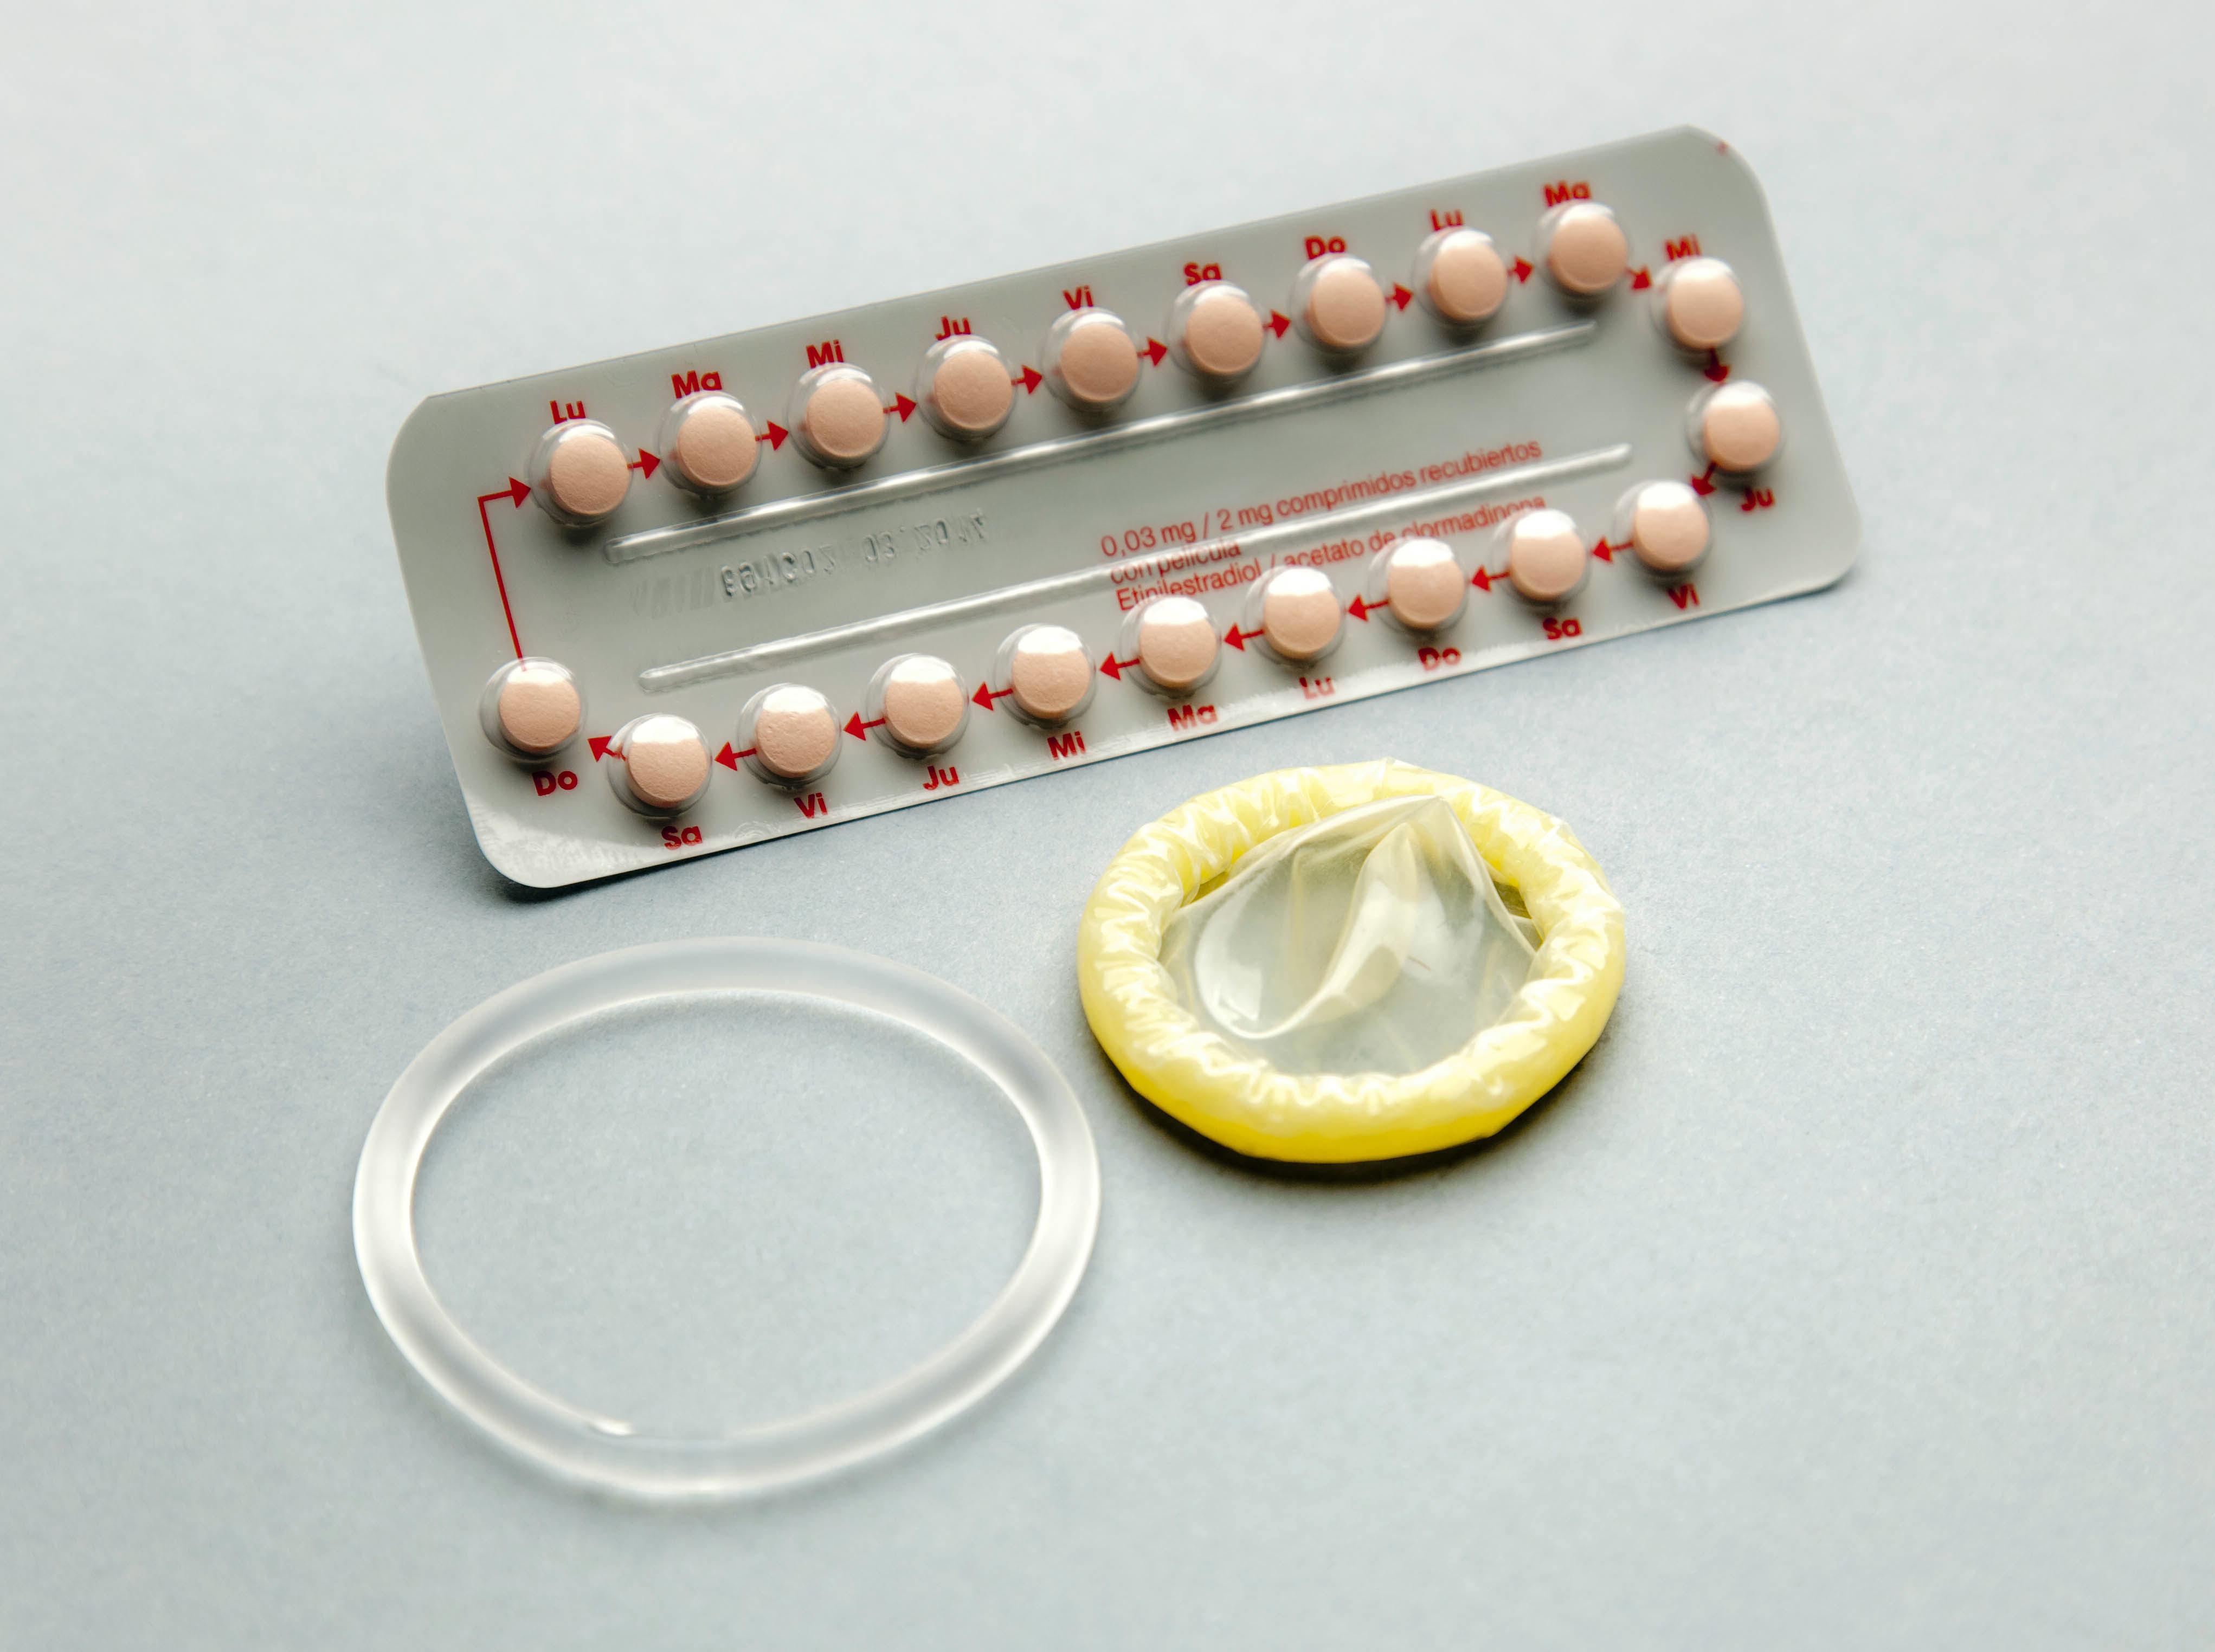 ¿Los métodos anticonceptivos son confiables?